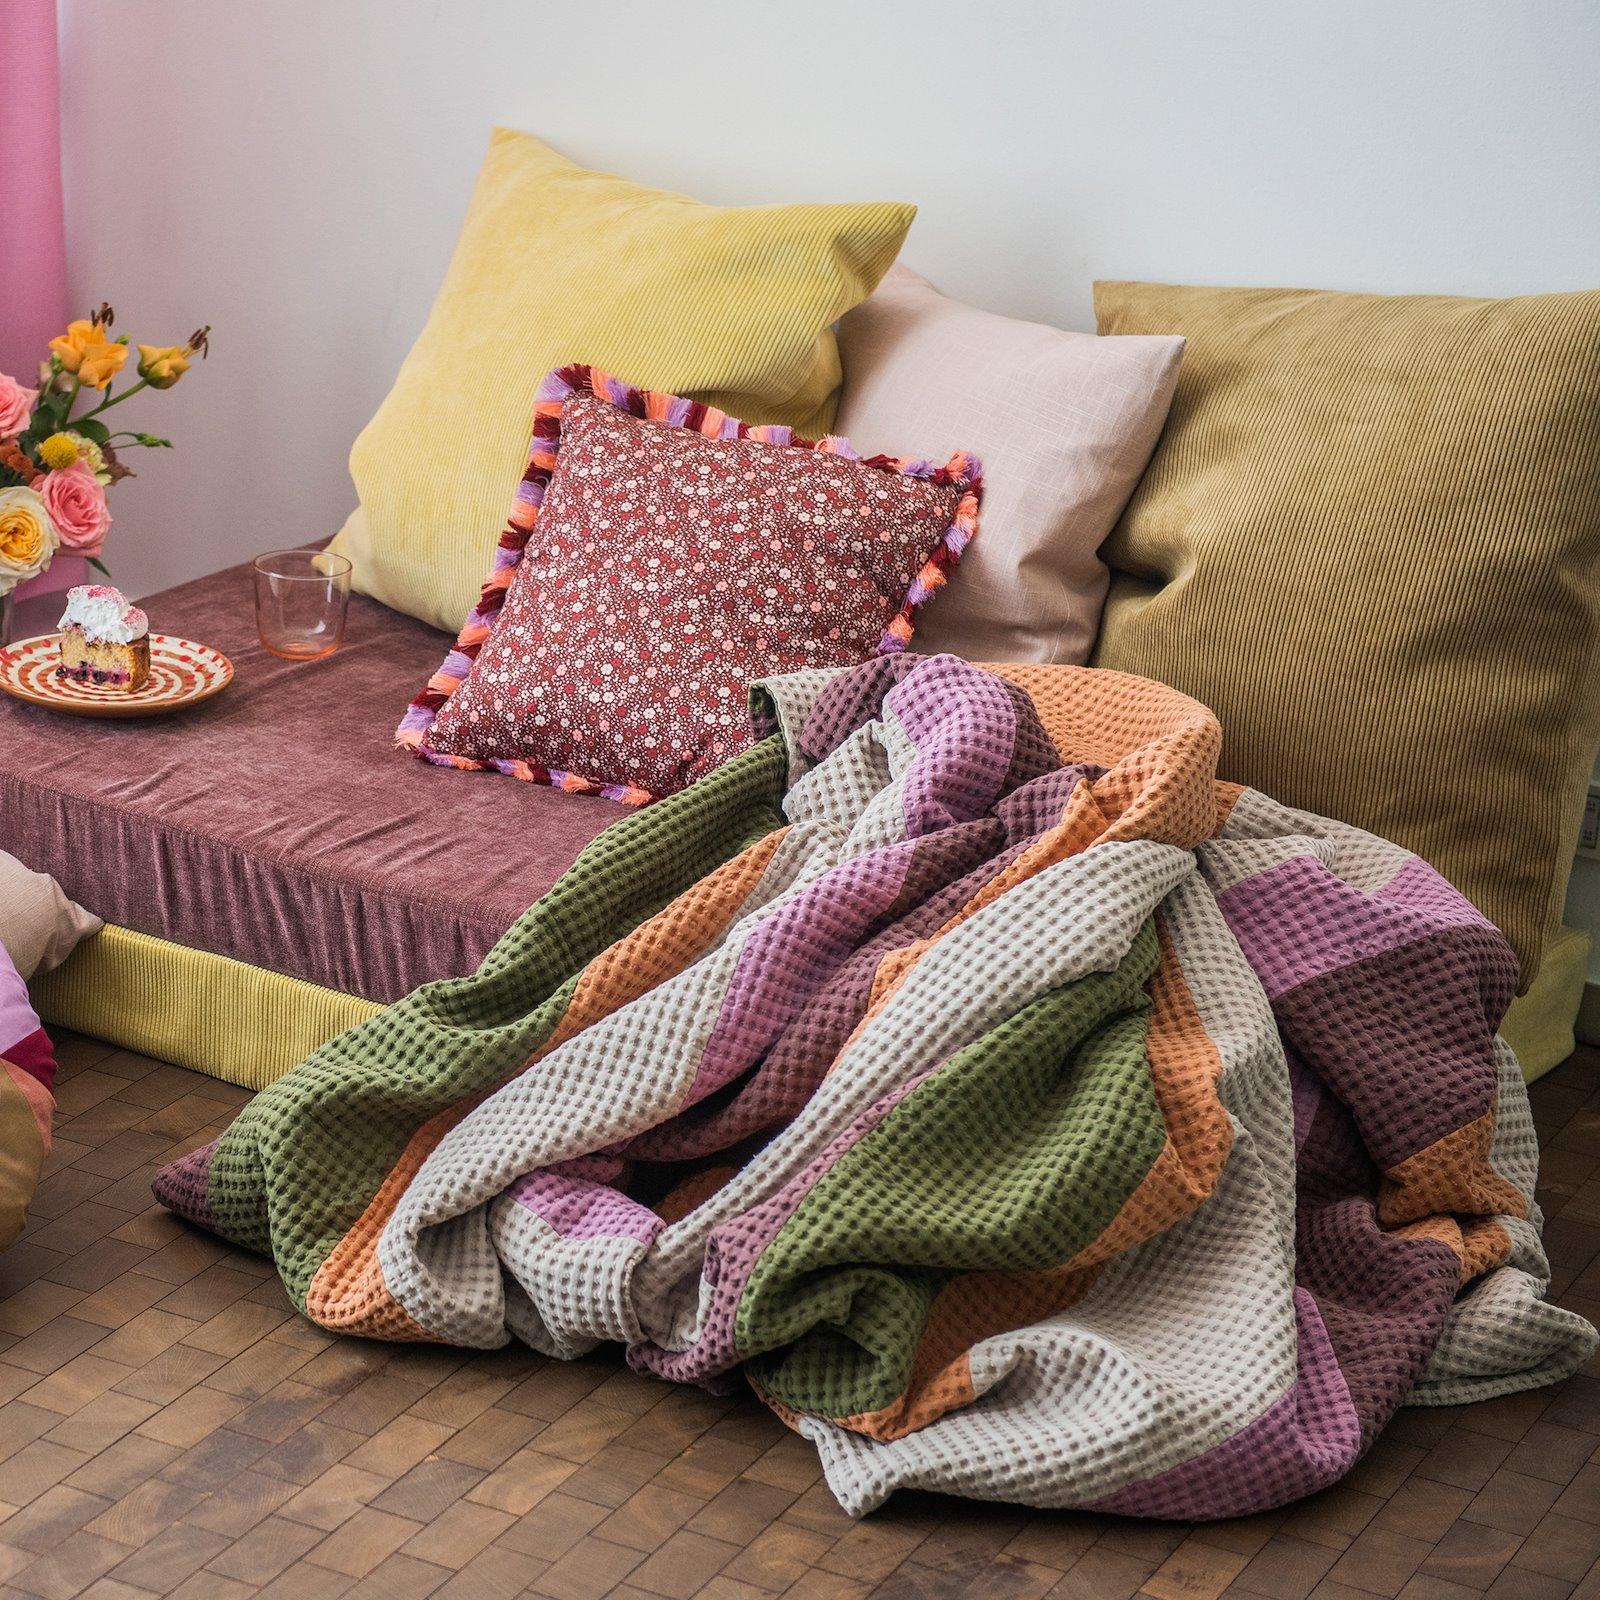 Upholstery corduroy 6 wales olive yellow 824154_850528_852214_824159_824155_816263_22363_bundle